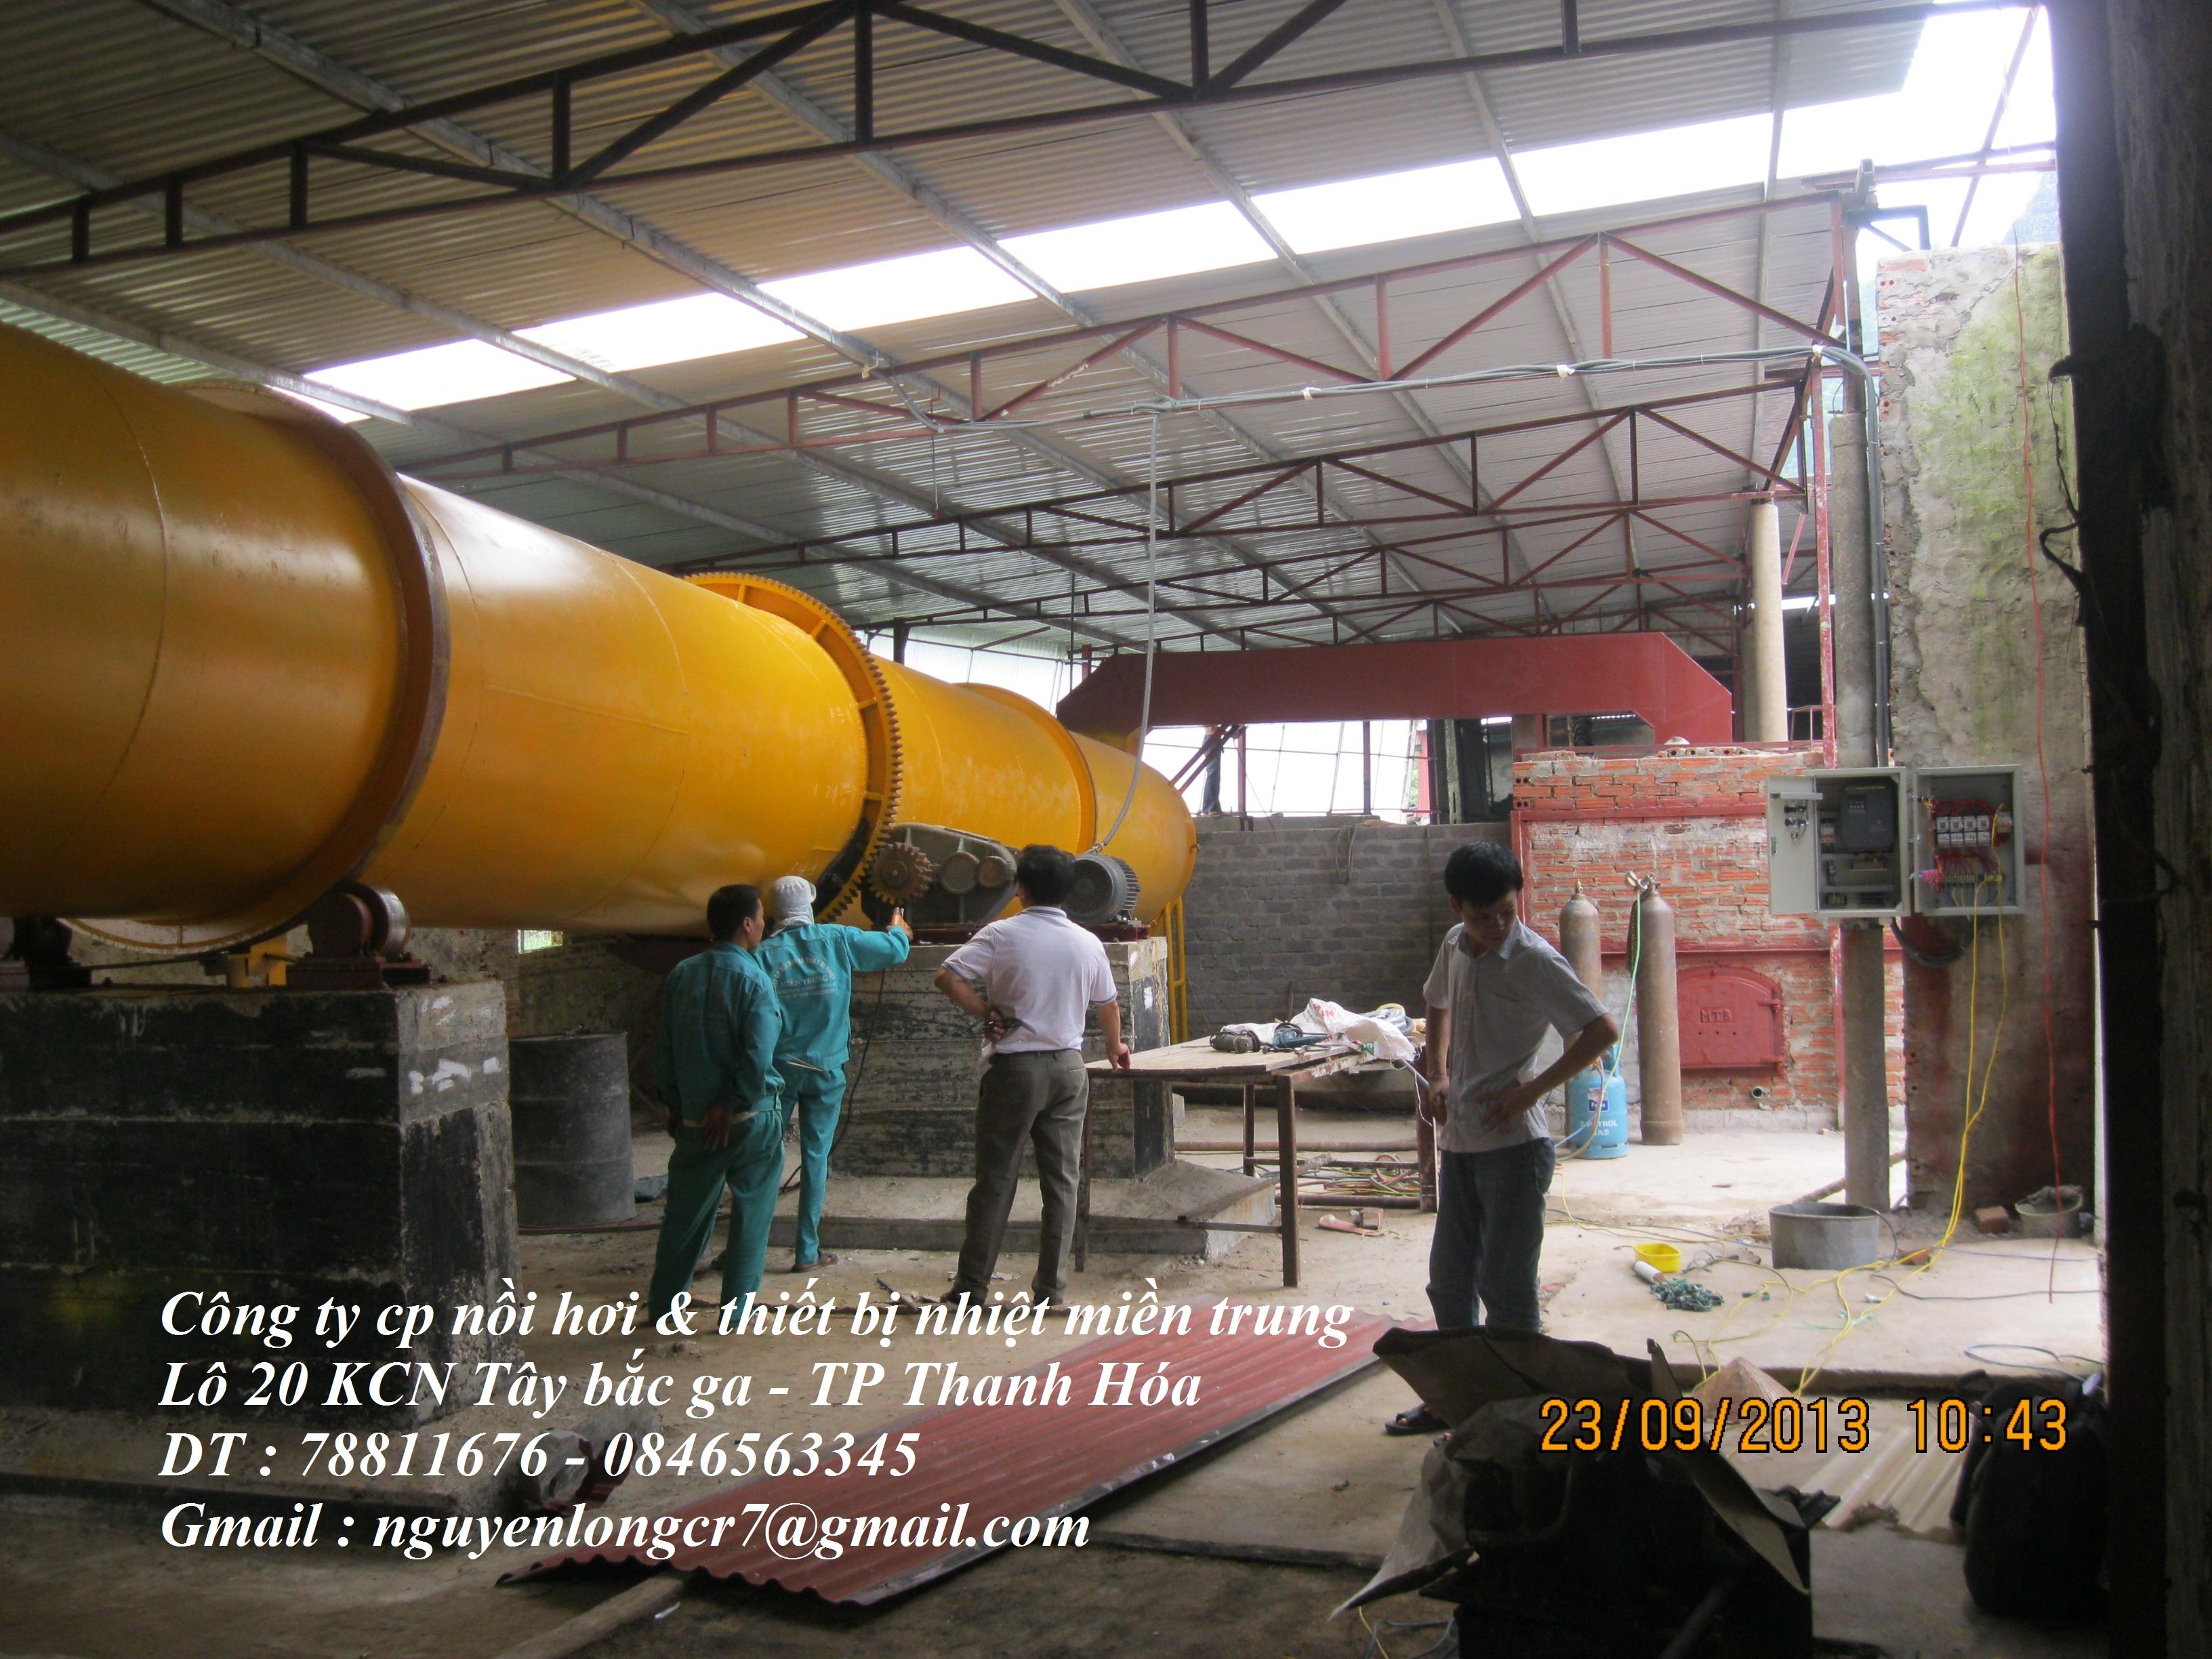 Dây chuyền sản xuất NPK bằng hơi nước